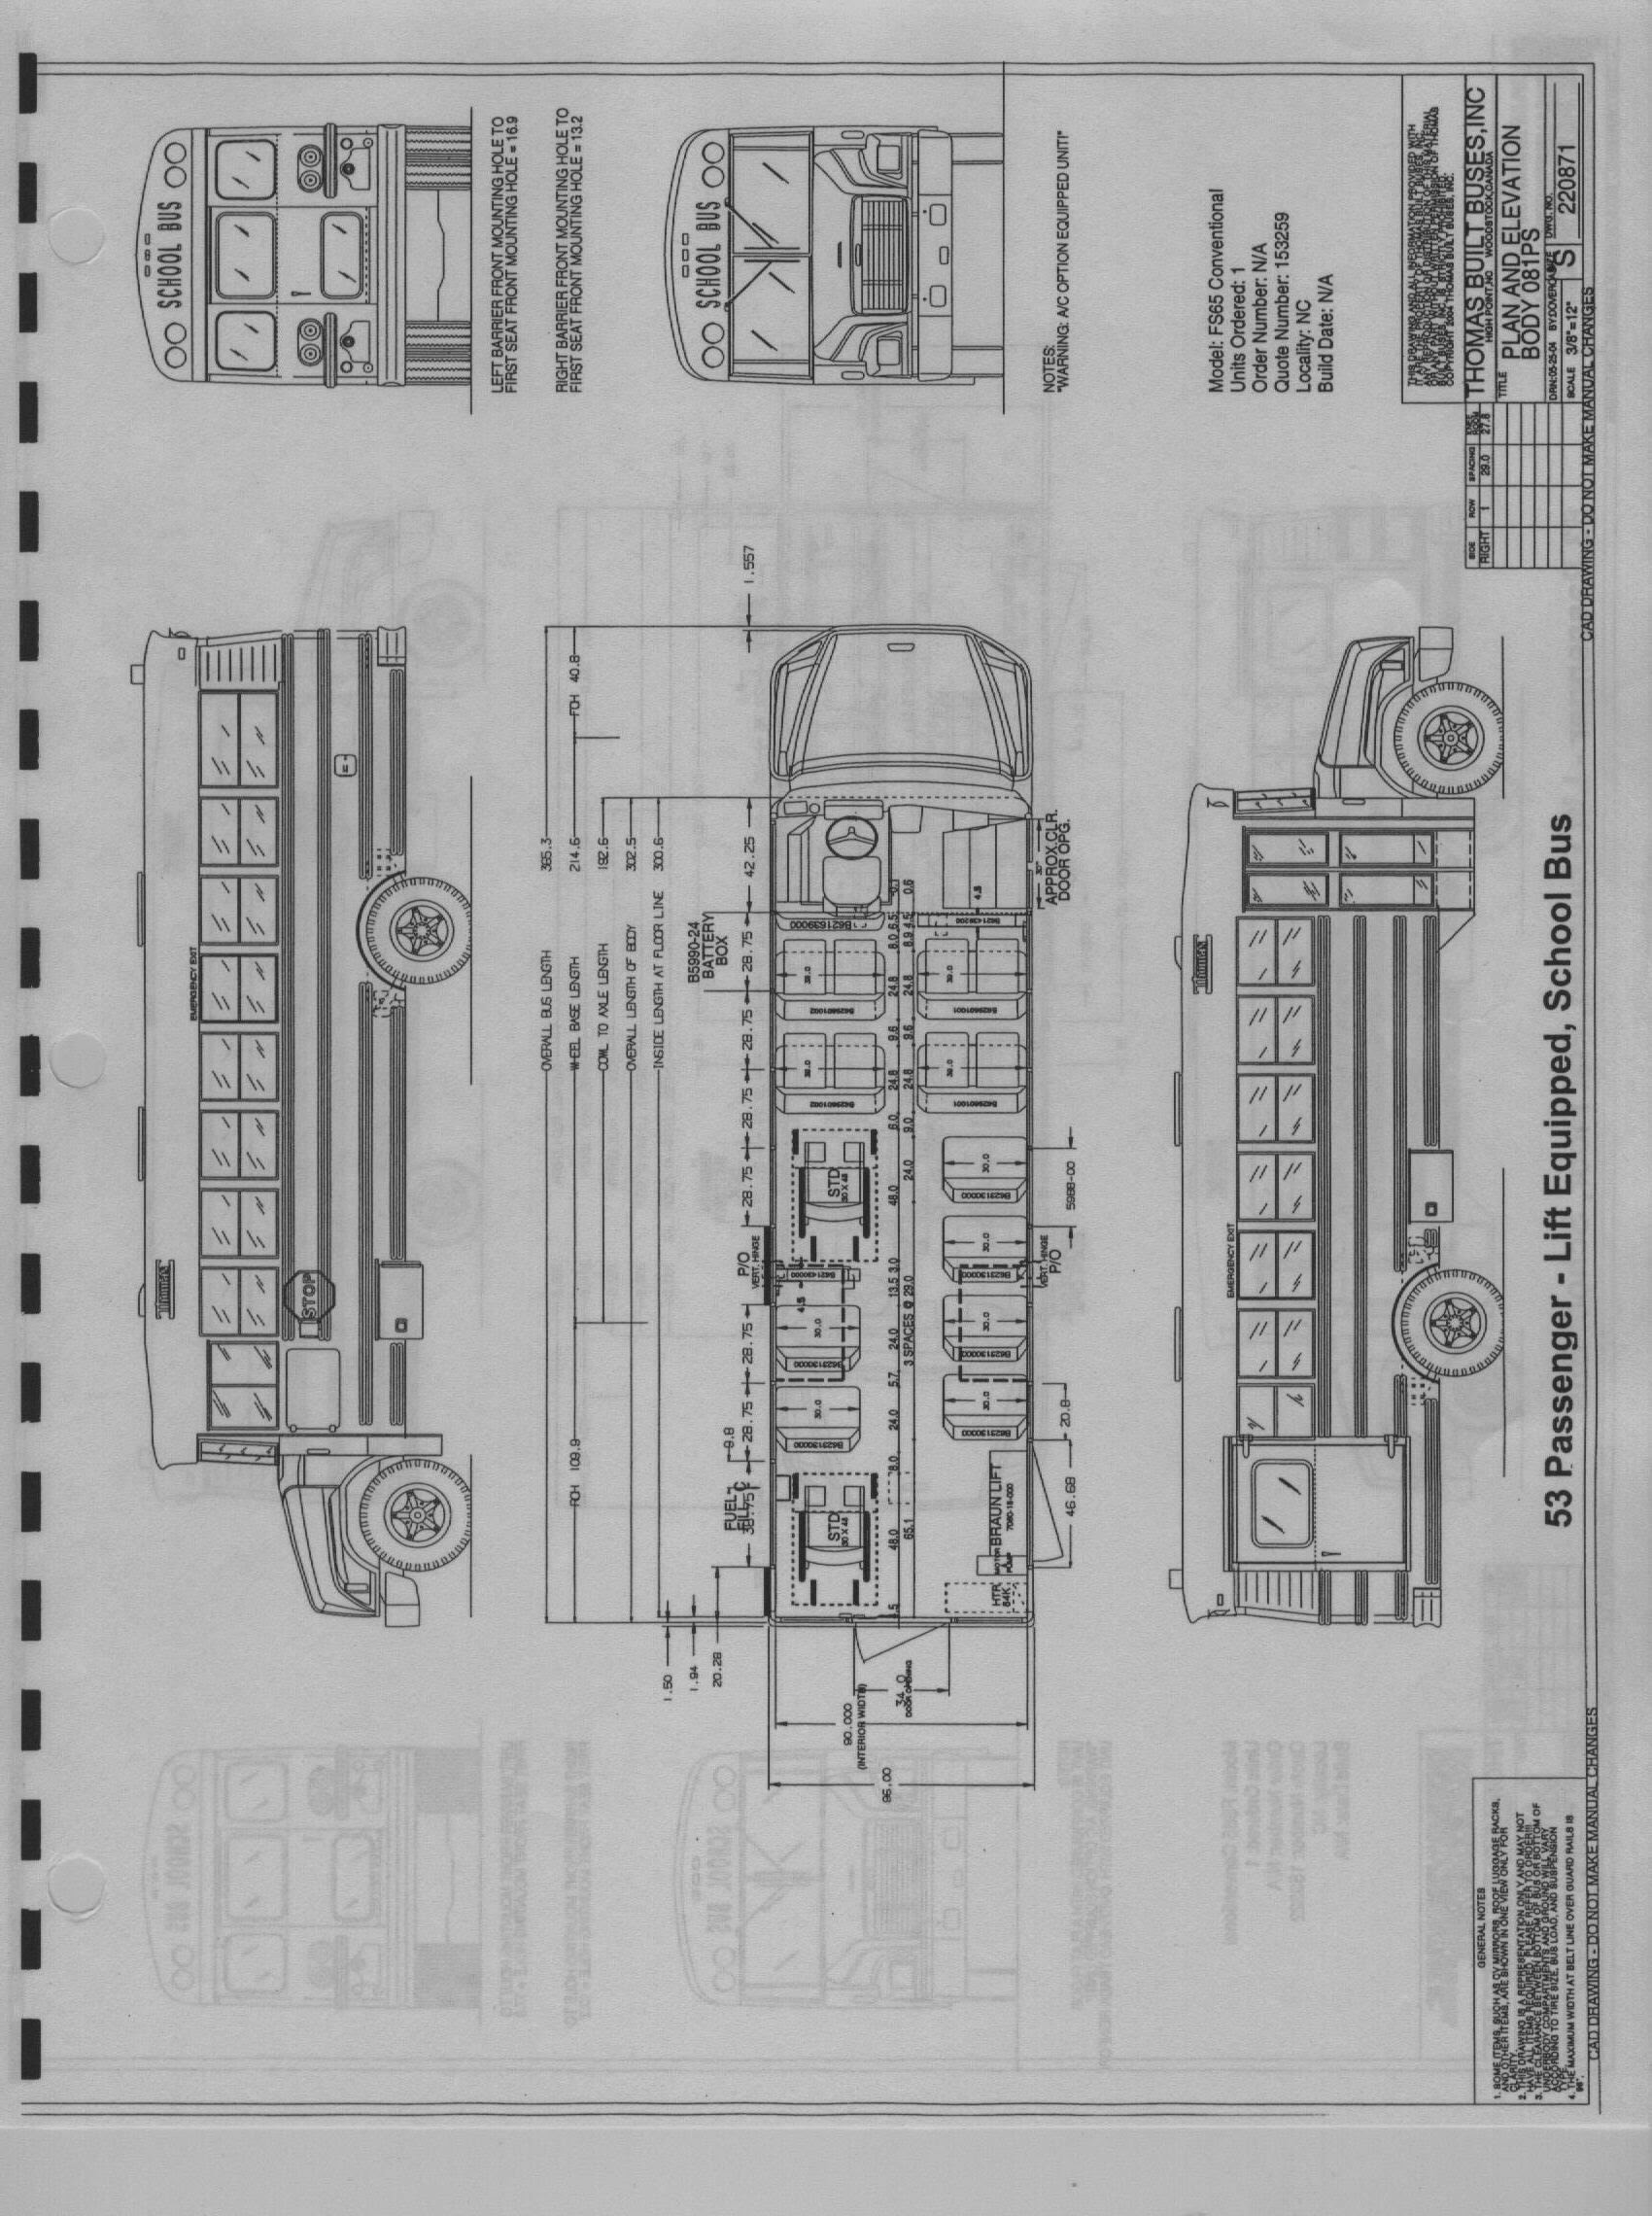 DIAGRAM] Gmc School Bus Wiring Diagram FULL Version HD Quality Wiring  Diagram - DIAGRAMMOI.USRDSICILIA.ITDiagram Database - usrdsicilia.it